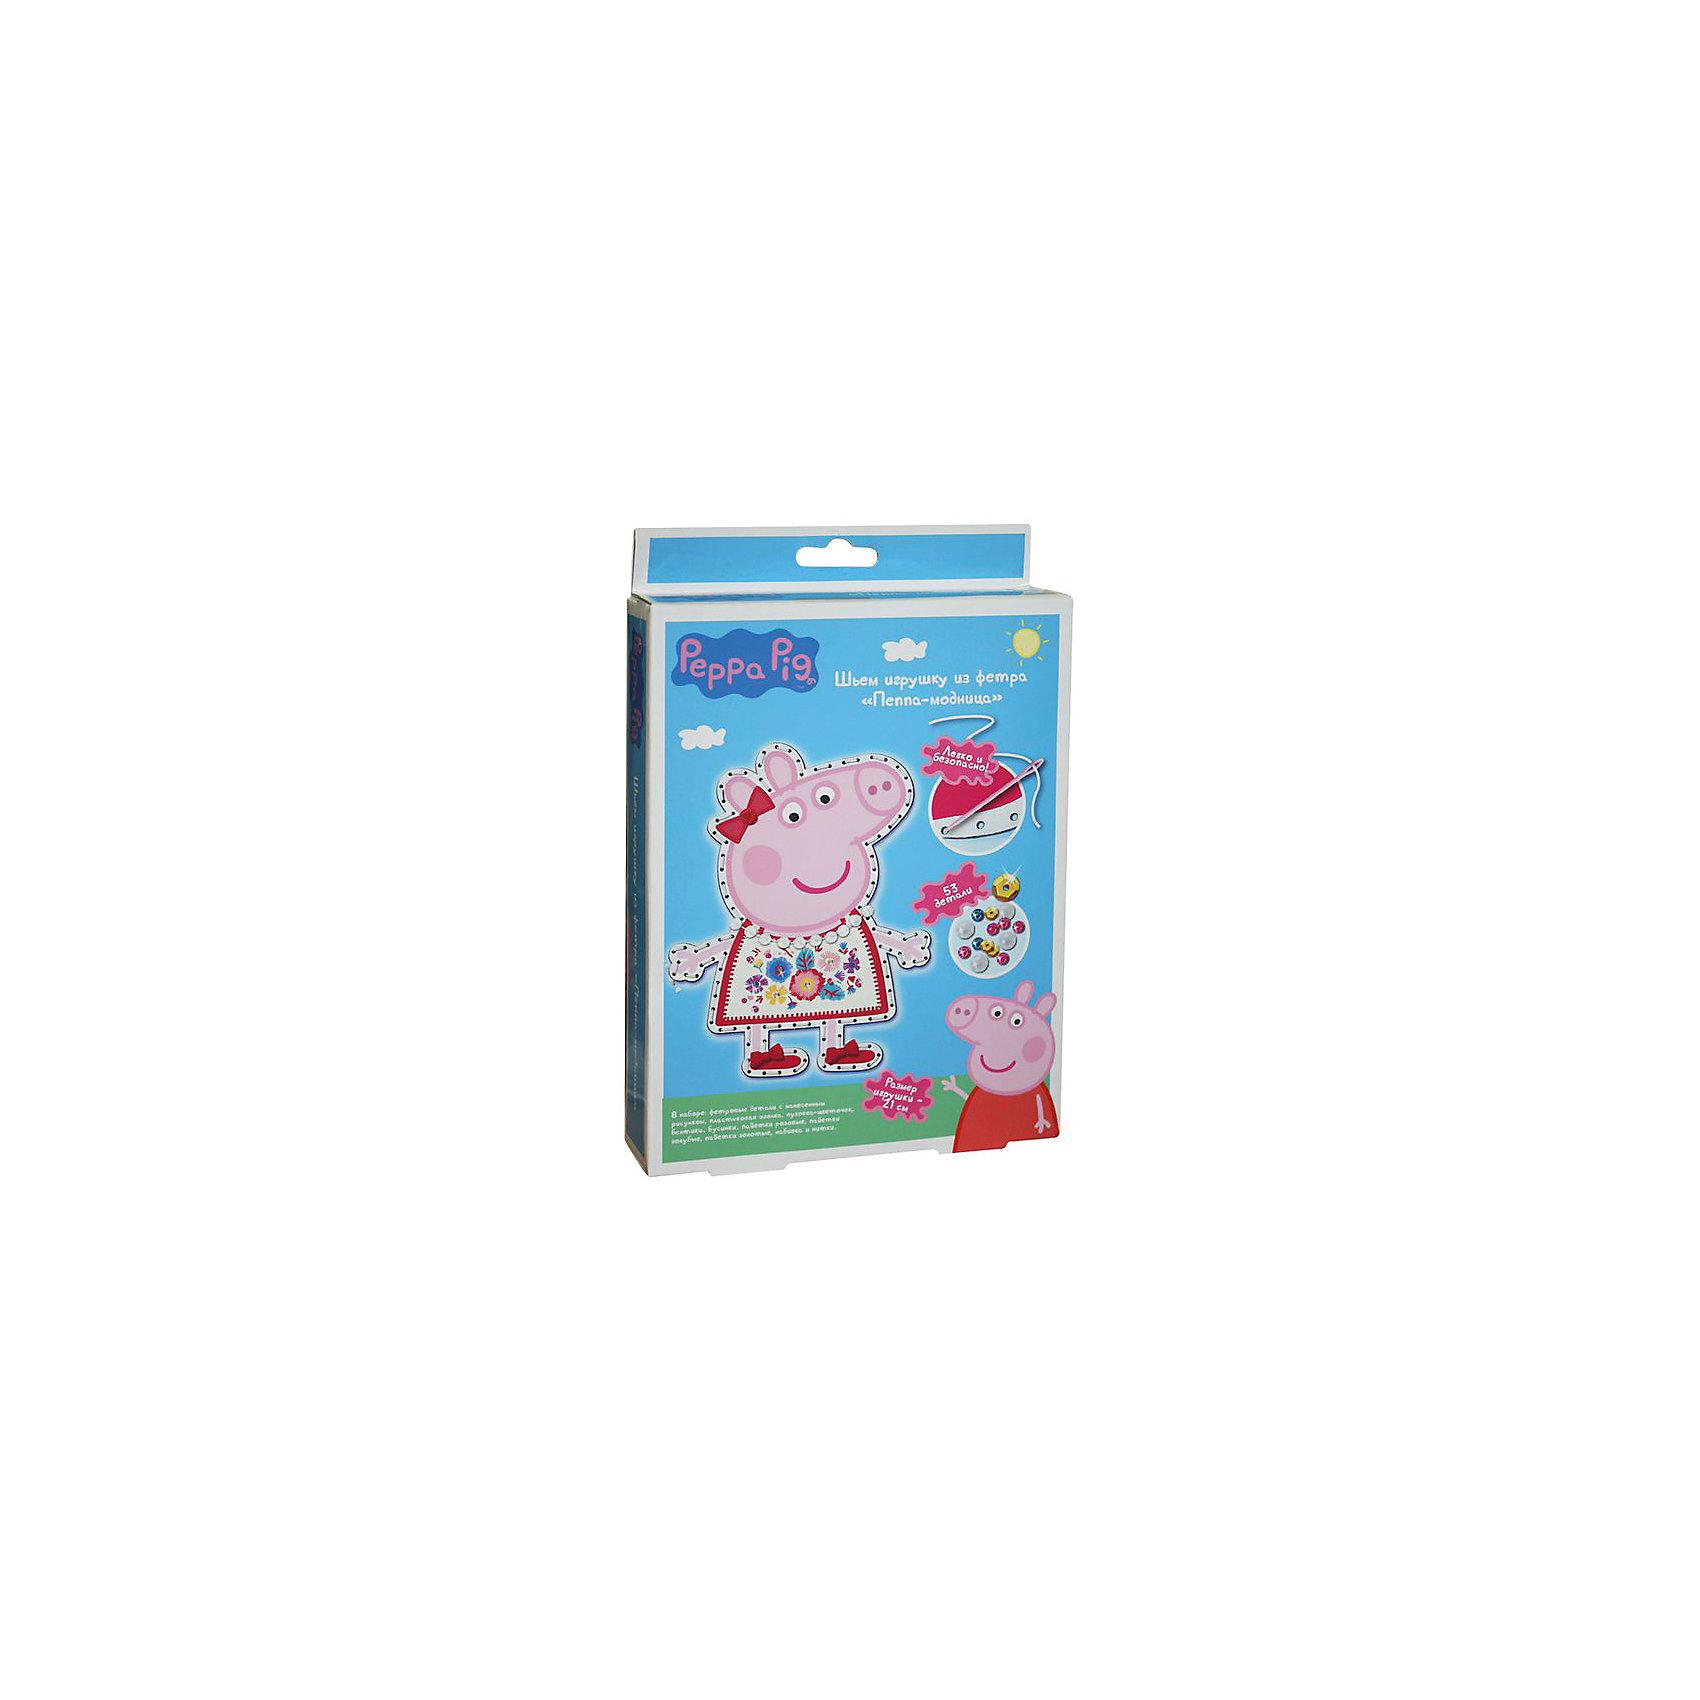 Шьем игрушку из фетра Пеппа-Модница, Peppa PigСвинка Пеппа<br>Характеристики товара:<br><br>• комплектация: 2 фетровые детали с нанесенным рисунком и перфорацией для стежков, пластиковая безопасная иголка, пуговка в виде цветочка бант, прозрачные бусинки, шнуровка для бус, пайетки, нитки, набивка<br>• размер готовой игрушки: 21 см<br>• упаковка: коробка<br>• возраст: от 5 лет<br>• состав: пластик, текстиль<br>• страна бренда: Россия<br>• страна изготовитель: Китай<br><br>Украсьте фетровые детали блестящими пайетками, а затем сложите их белой стороной внутрь, совмещая контур фигурки. Вденьте нитку в иголку и начните обшивать контур туловища, набивая сначала ручки и ножки. Постепенно наполняйте всю игрушку и, закончив, закрепите нить узелком. Украсьте голову Пеппы цветочком, башмачки - бантиками, сделайте бусы для свинки.<br><br>В наборе «Пеппа-модница» ТМ «Свинка Пеппа» 53 детали: 2 фетровые детали с нанесенным рисунком и перфорацией для стежков, пластиковая безопасная иголка, пуговка в виде цветочка, 2 бантика из сатина, прозрачные бусинки, шнуровка для бус, пайетки (золотые, голубые, розовые), нитки, набивка - 30 г. Детали легко сшиваются безопасной иголкой. Размер готовой игрушки: 21 см. <br><br>Шьем игрушку из фетра Пеппа-Модница, Peppa Pig, вы можете приобрести в нашем интернет-магазине.<br><br>Ширина мм: 230<br>Глубина мм: 170<br>Высота мм: 40<br>Вес г: 100<br>Возраст от месяцев: 60<br>Возраст до месяцев: 2147483647<br>Пол: Женский<br>Возраст: Детский<br>SKU: 5453384